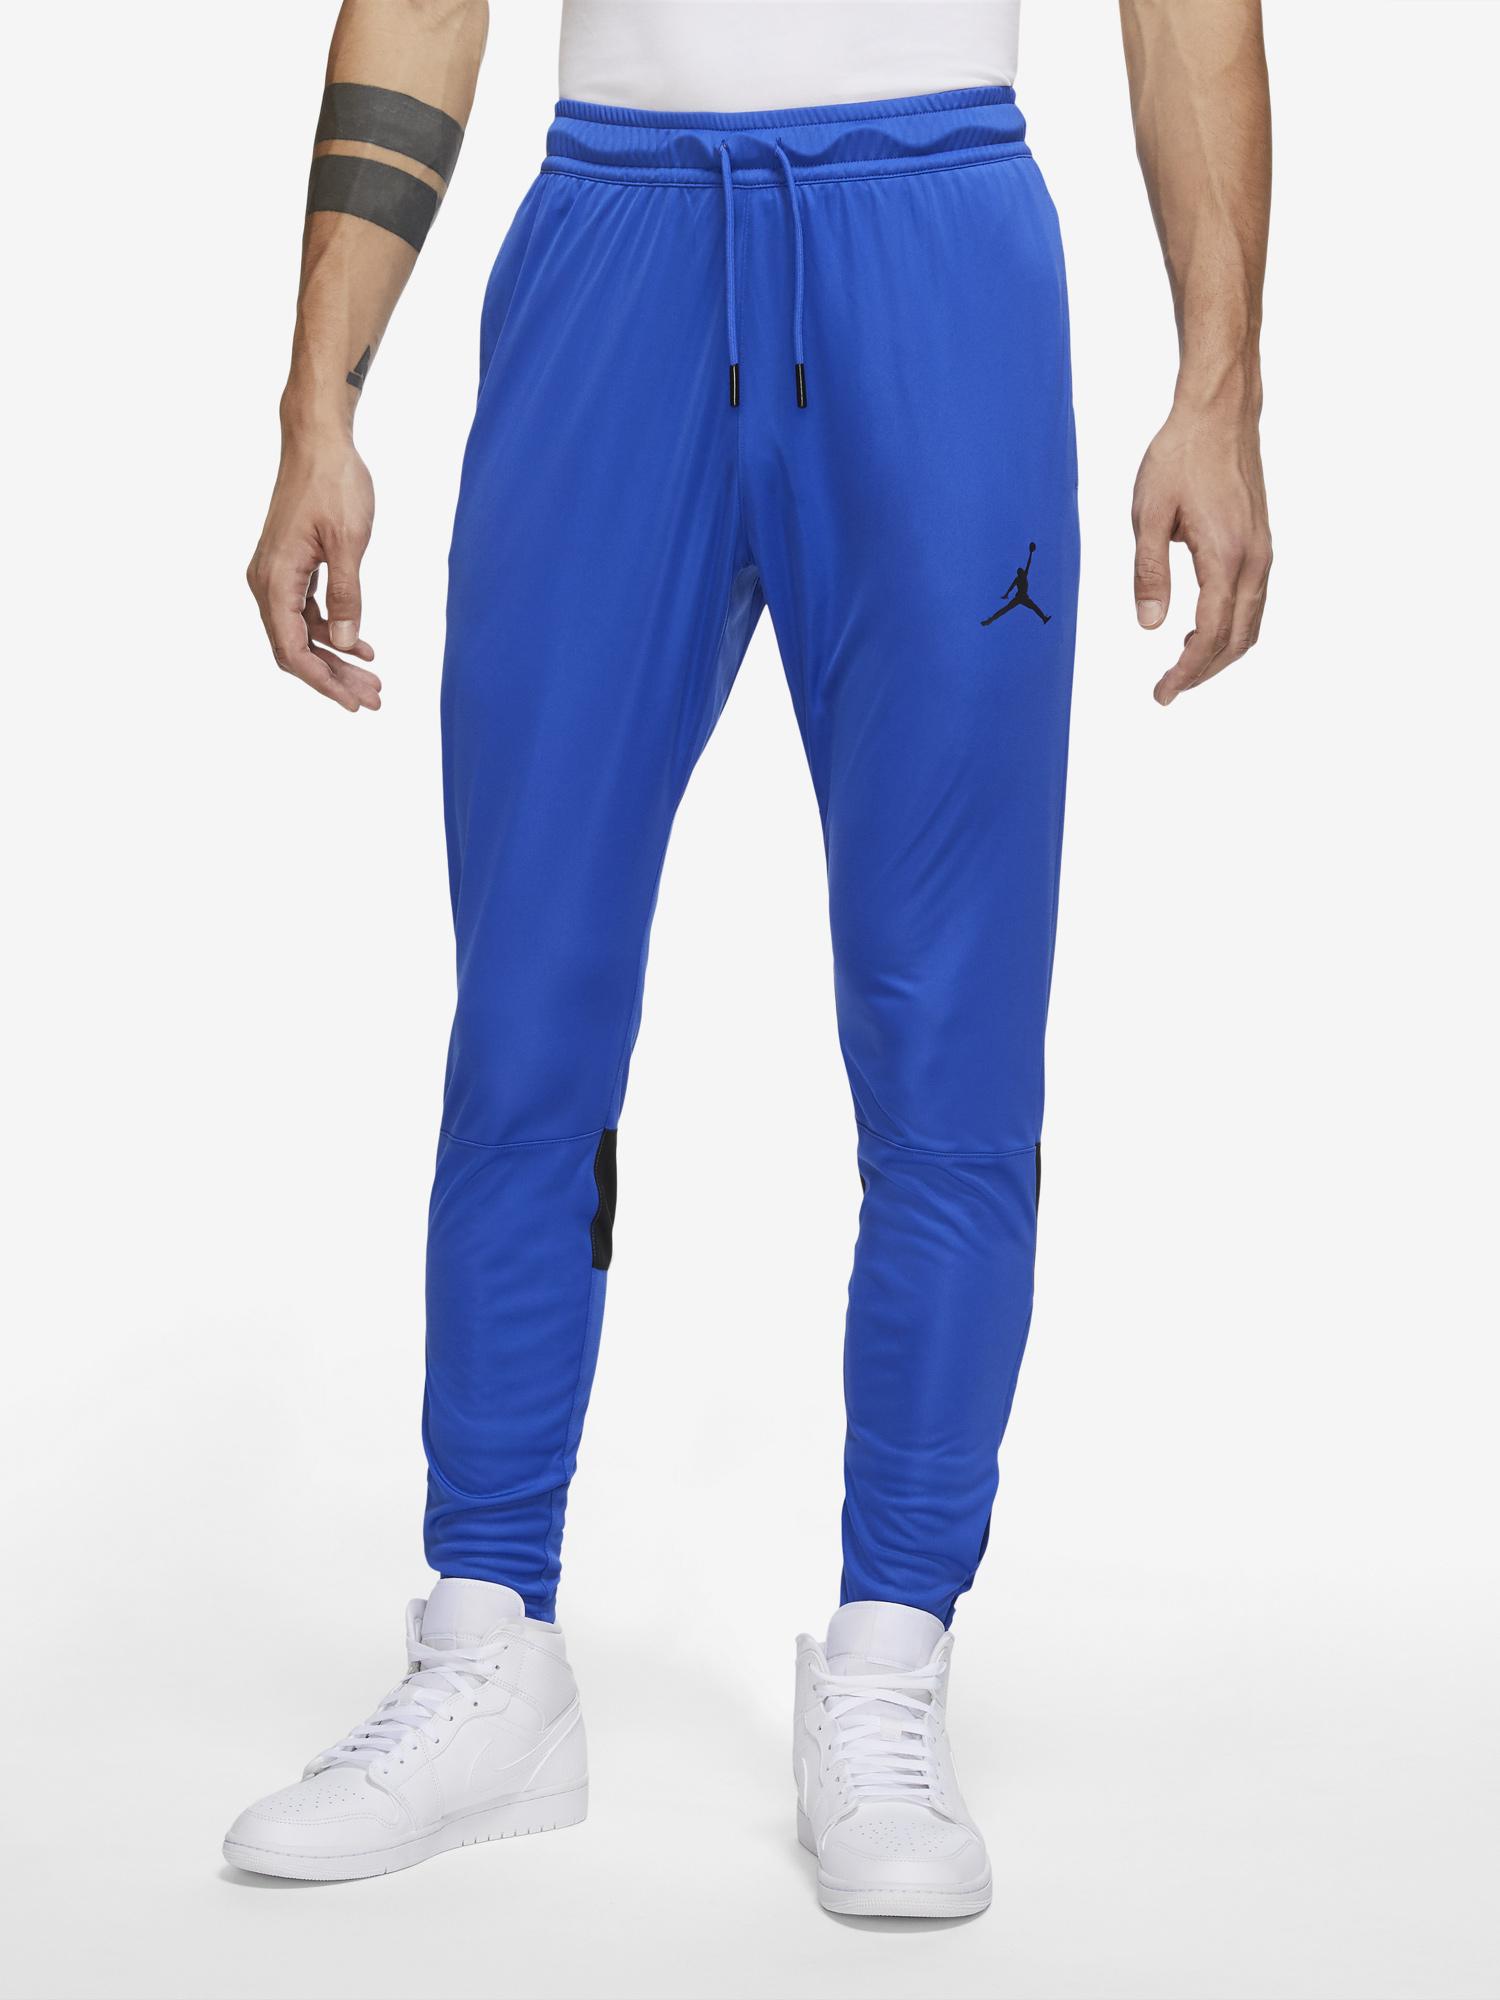 jordan-dri-fit-air-pants-royal-blue-1